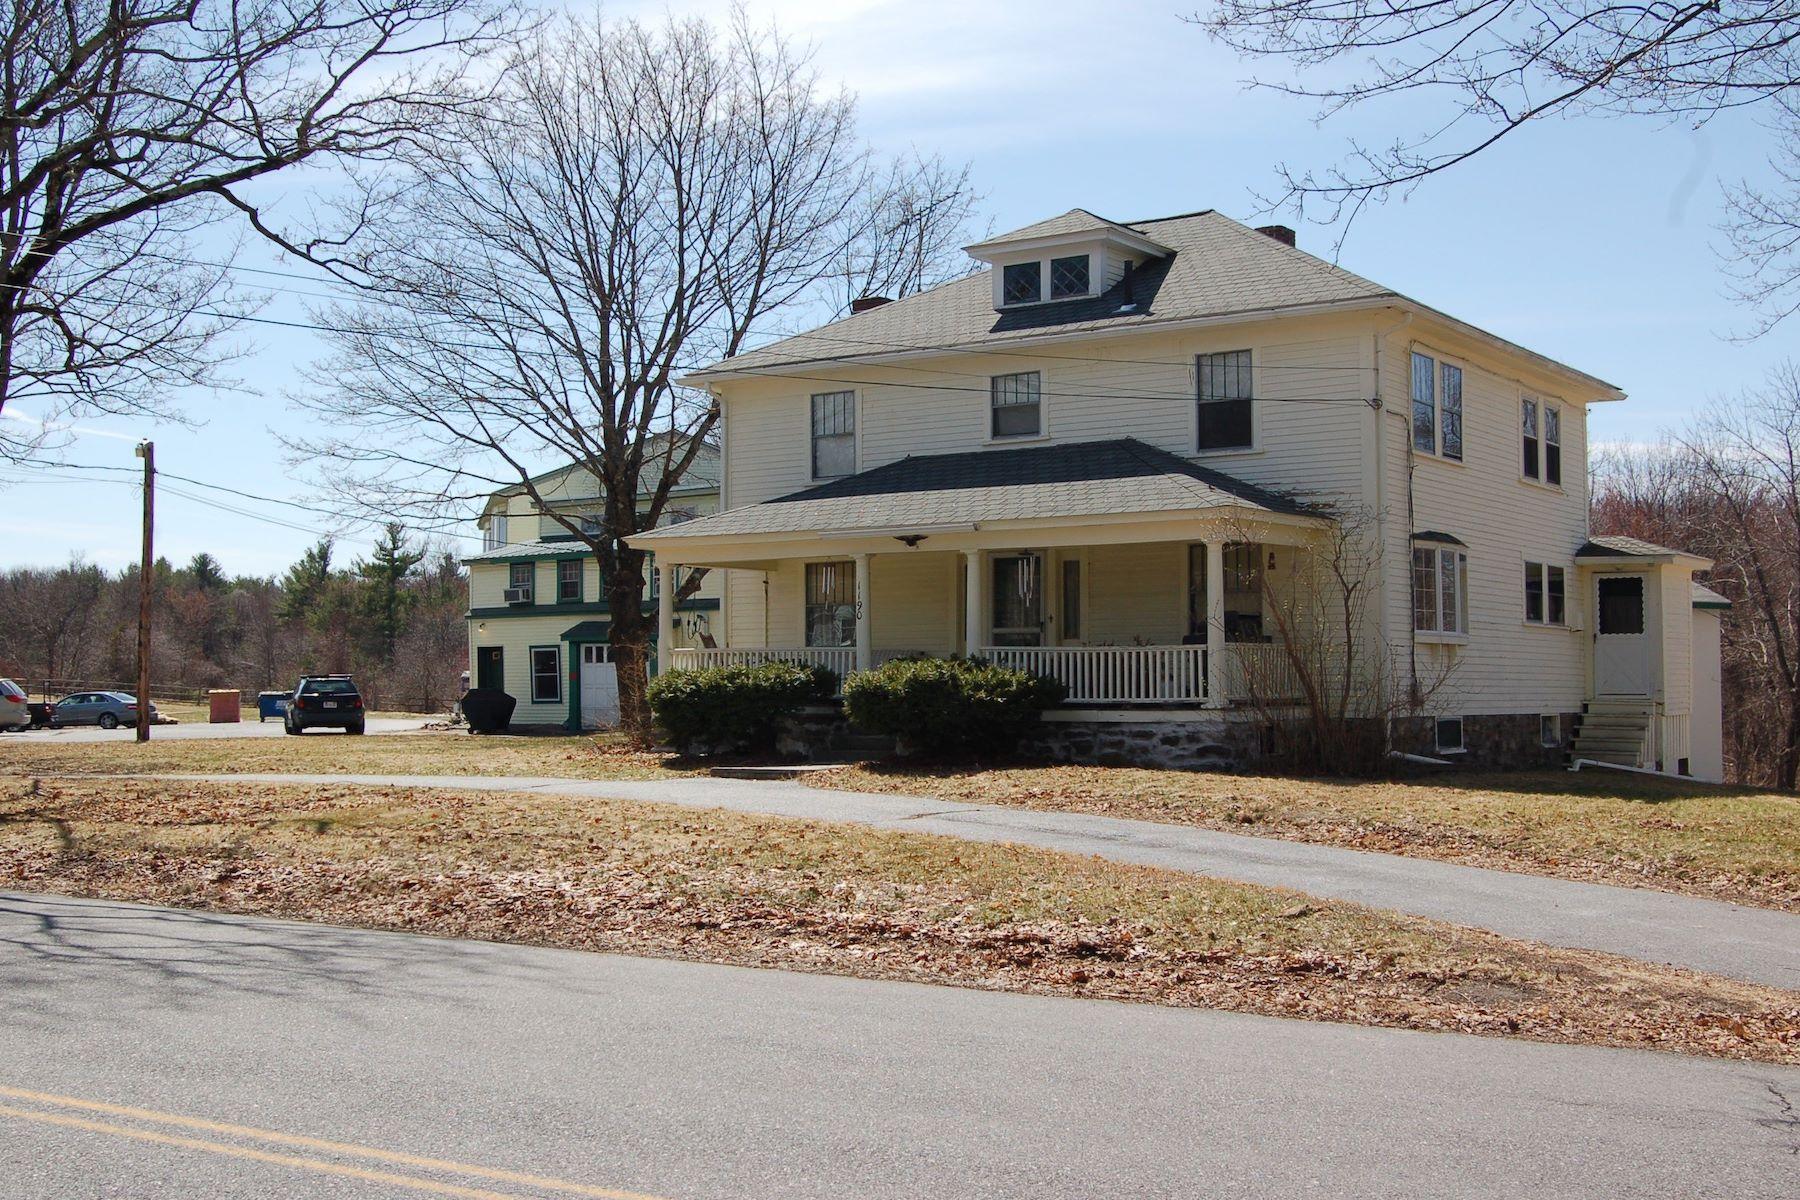 独户住宅 为 销售 在 Near Major Rts - Residence with Commercial Bonus Lot 2 Liberty Square Road Boxborough, 马萨诸塞州 01719 美国